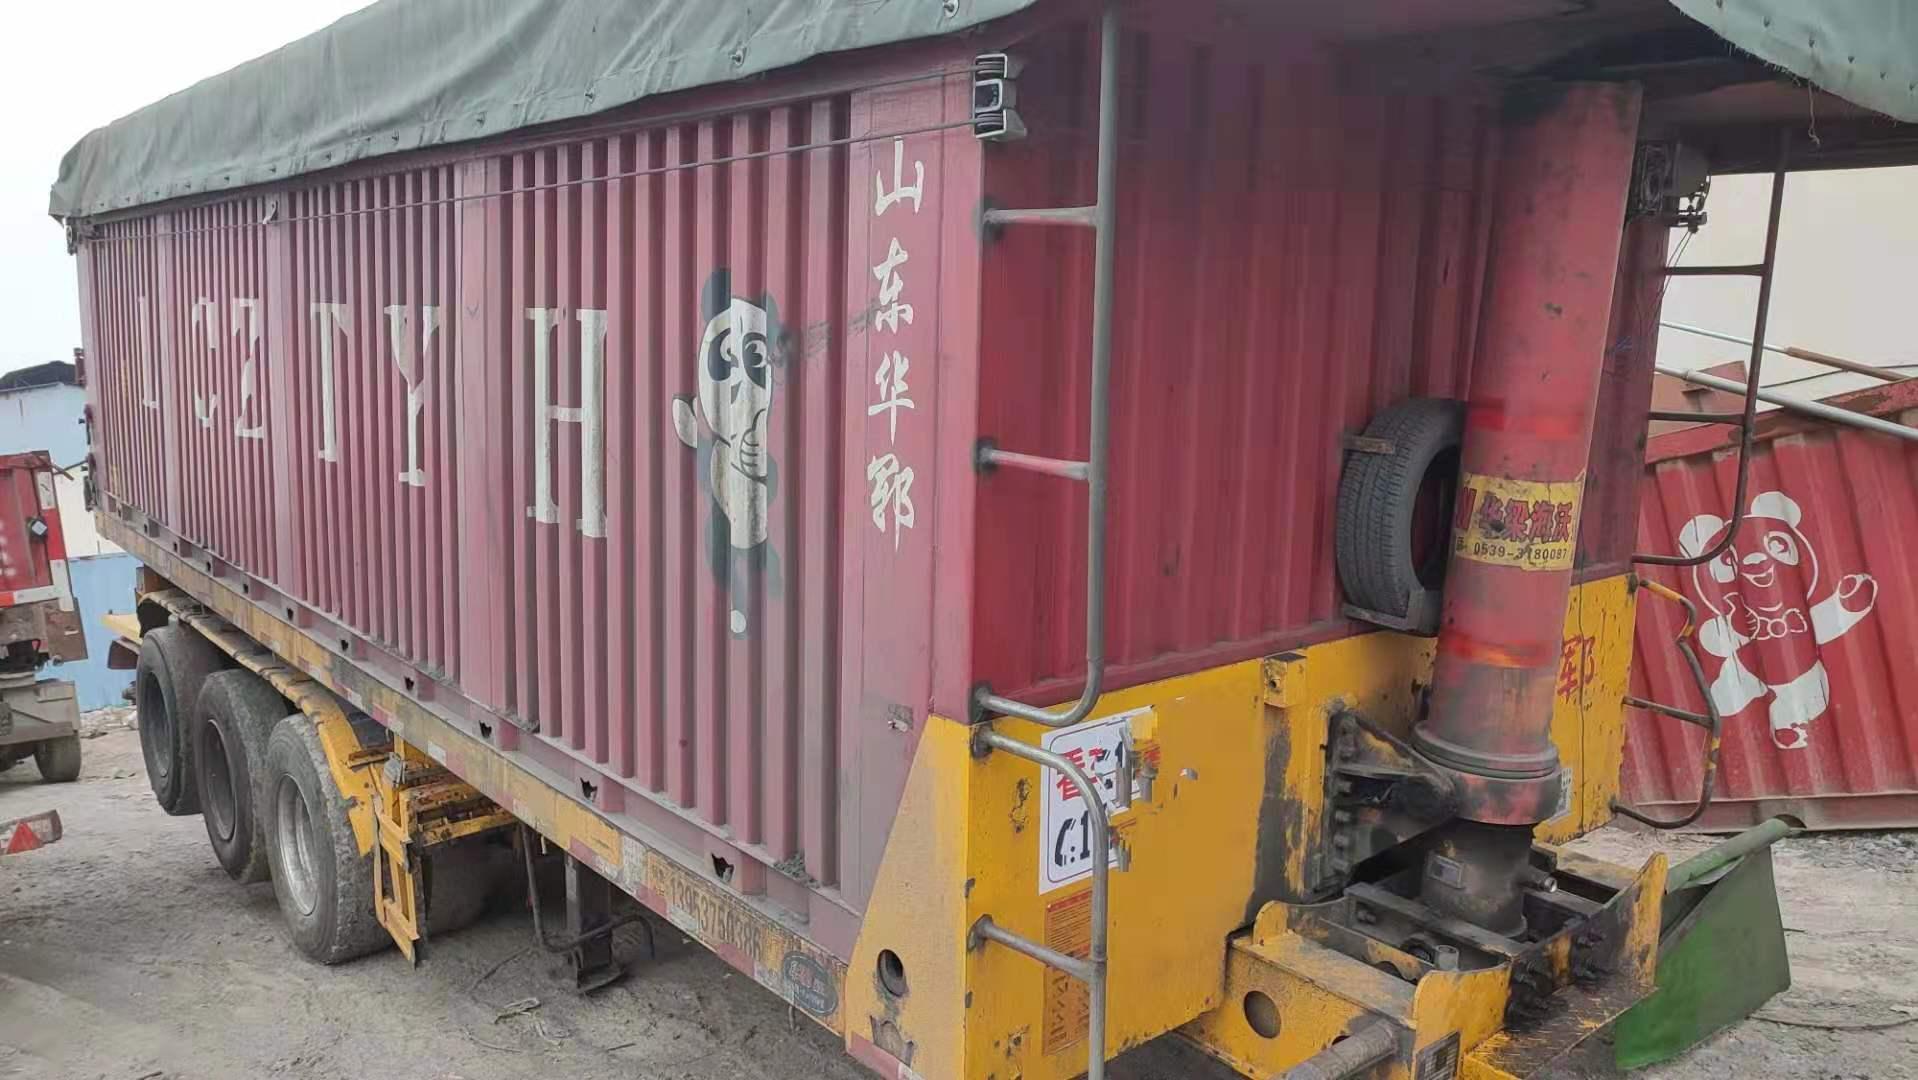 出售二手8.5米平板自卸后翻半挂车原车手续,精品车况二手车